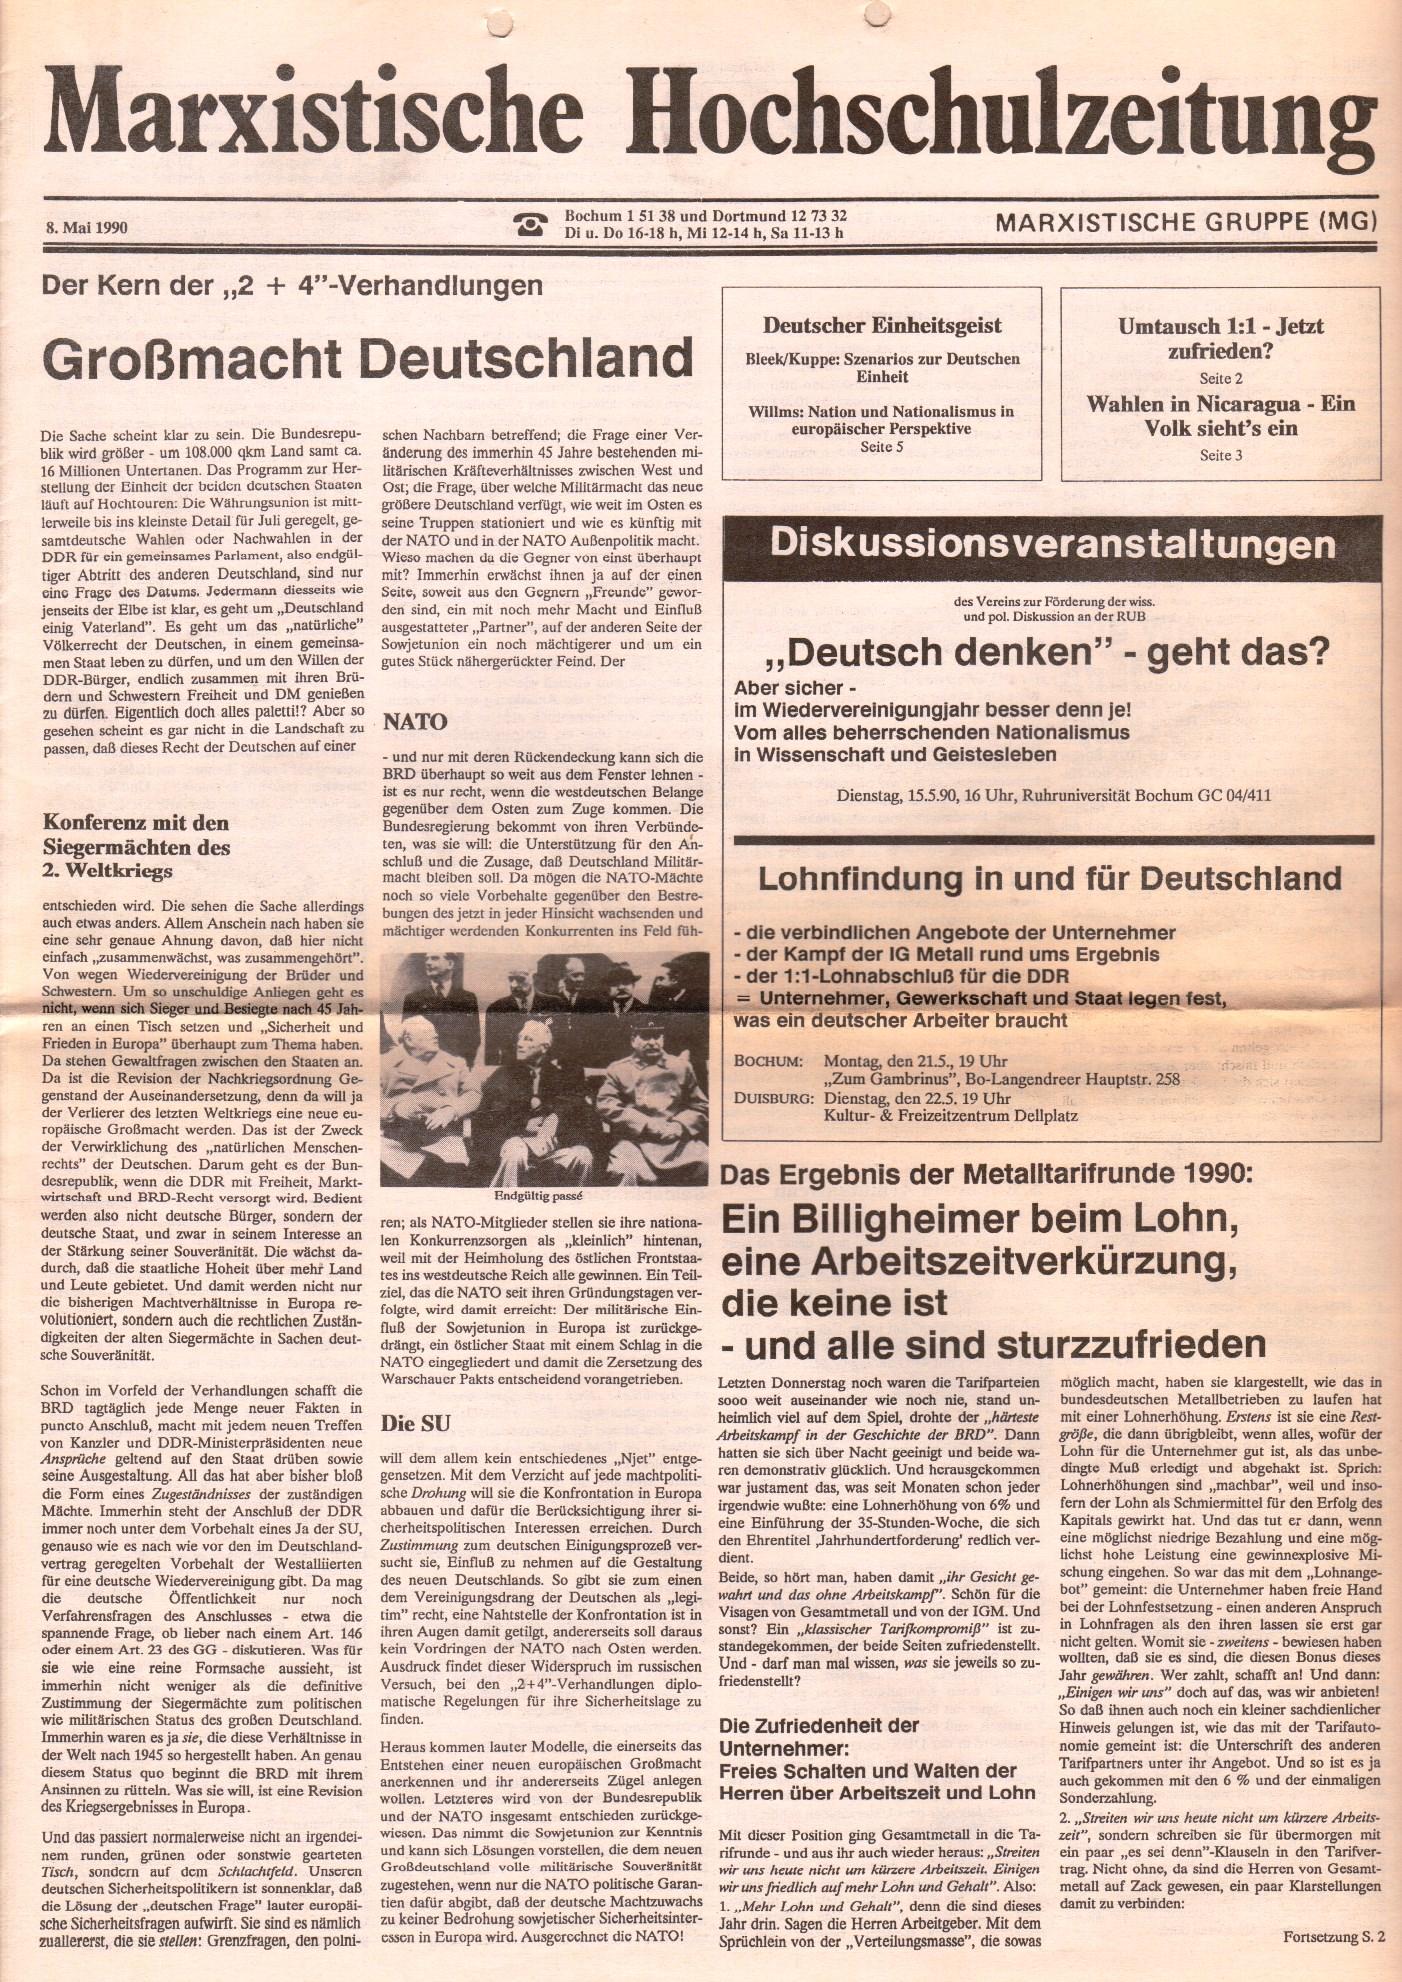 Ruhrgebiet_MG_Marxistische_Hochschulzeitung_19900508_01